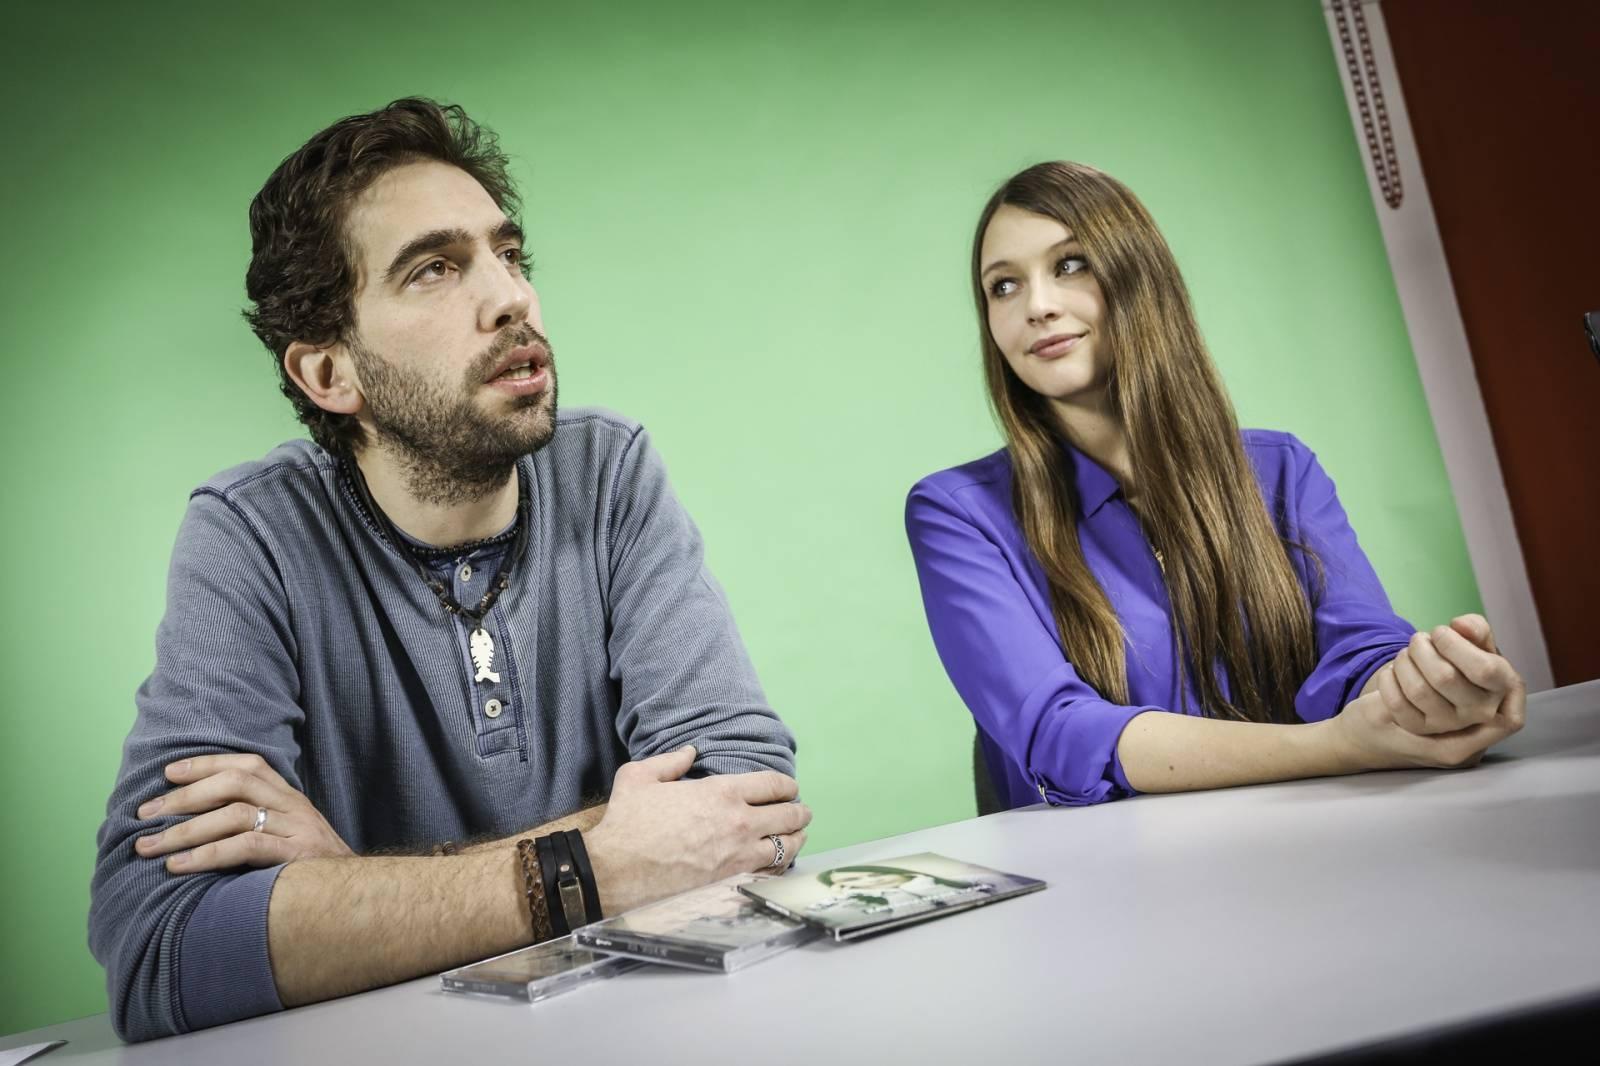 VIDEO: Jelen a Kateřina Marie Tichá zvou na Žebřík a lákají na své novinky